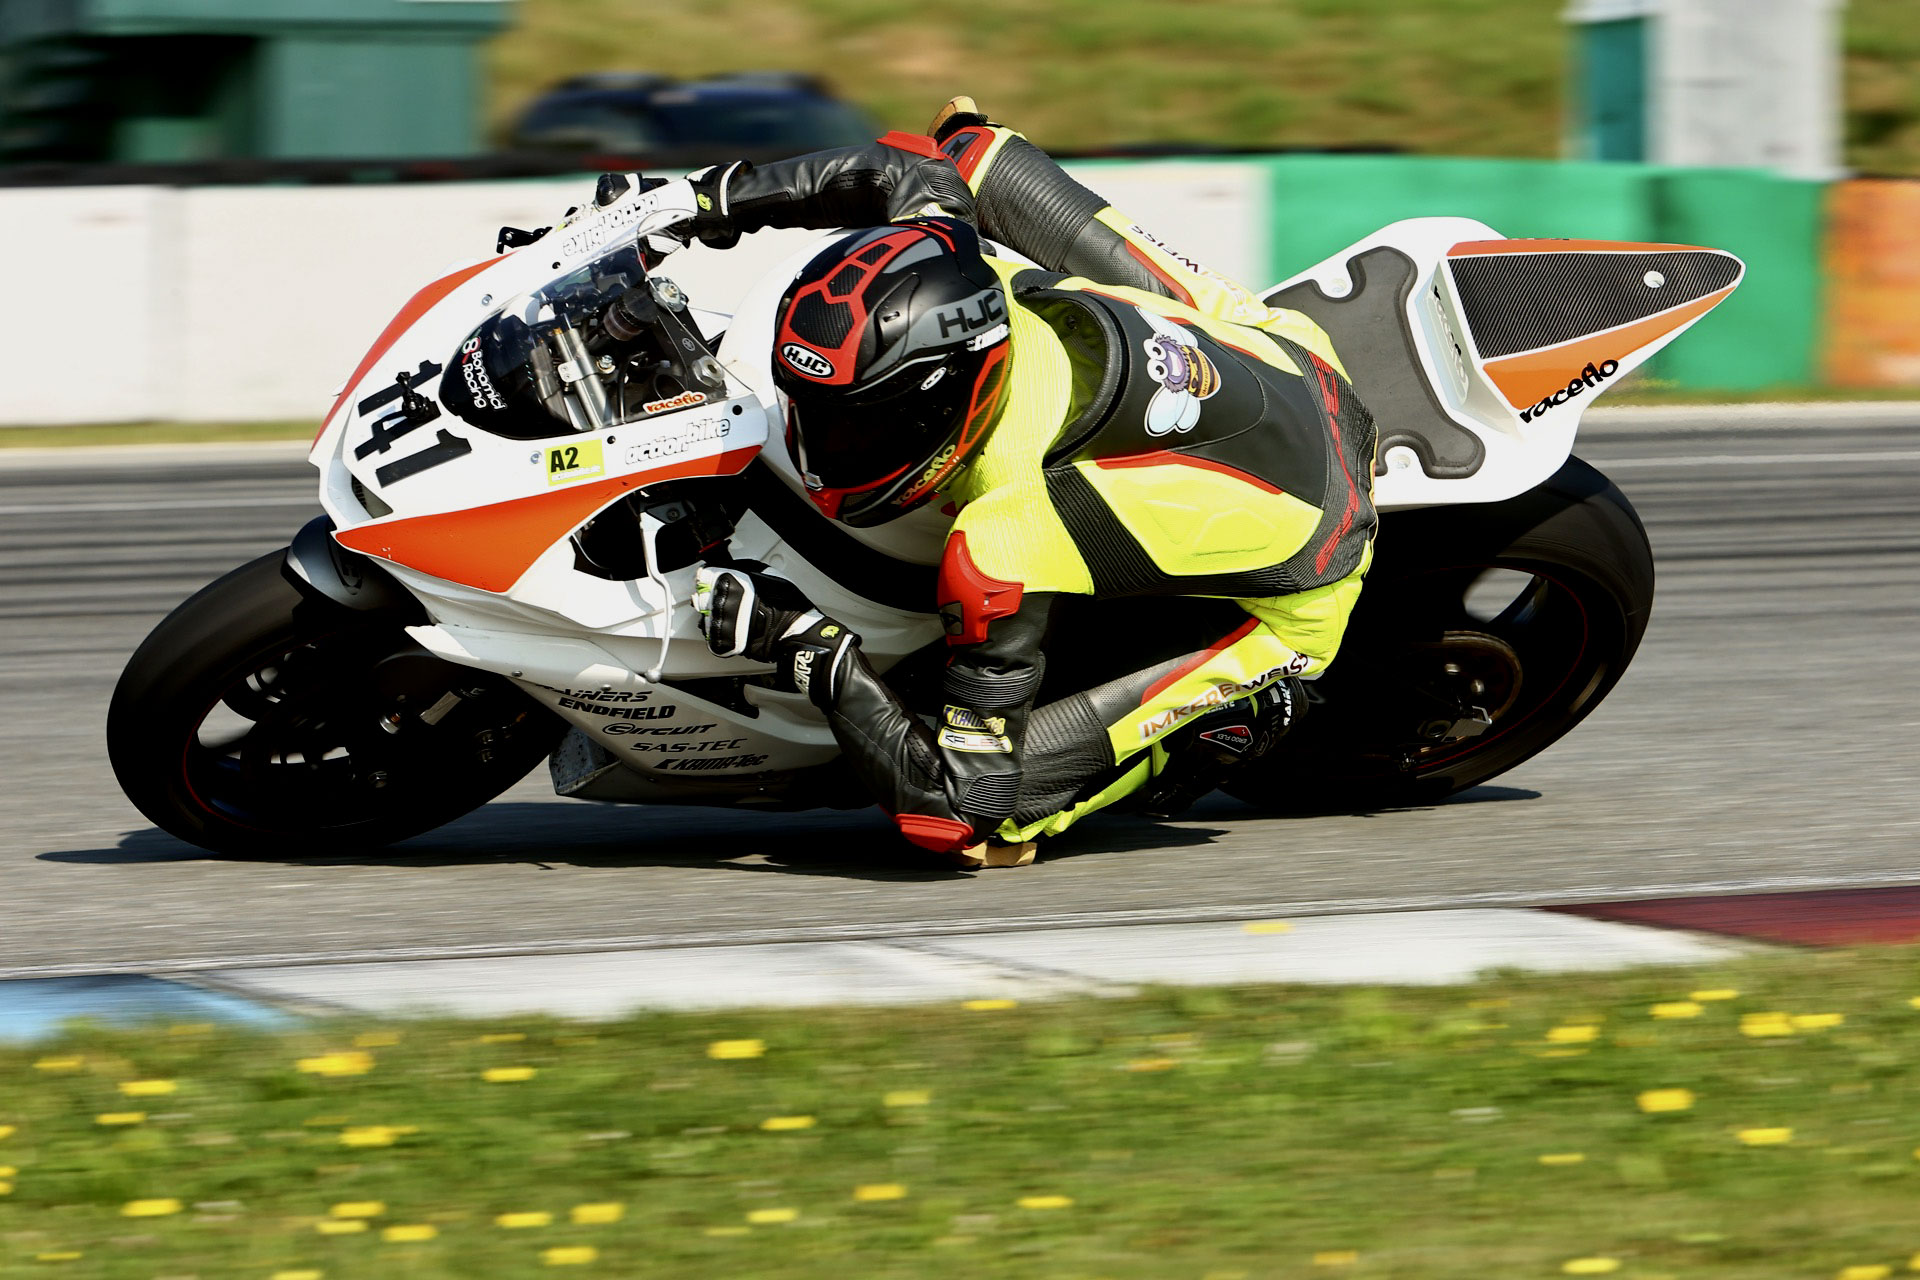 Florian Weiß Raceflo beim Renntraining 2021 in Brünn CZ